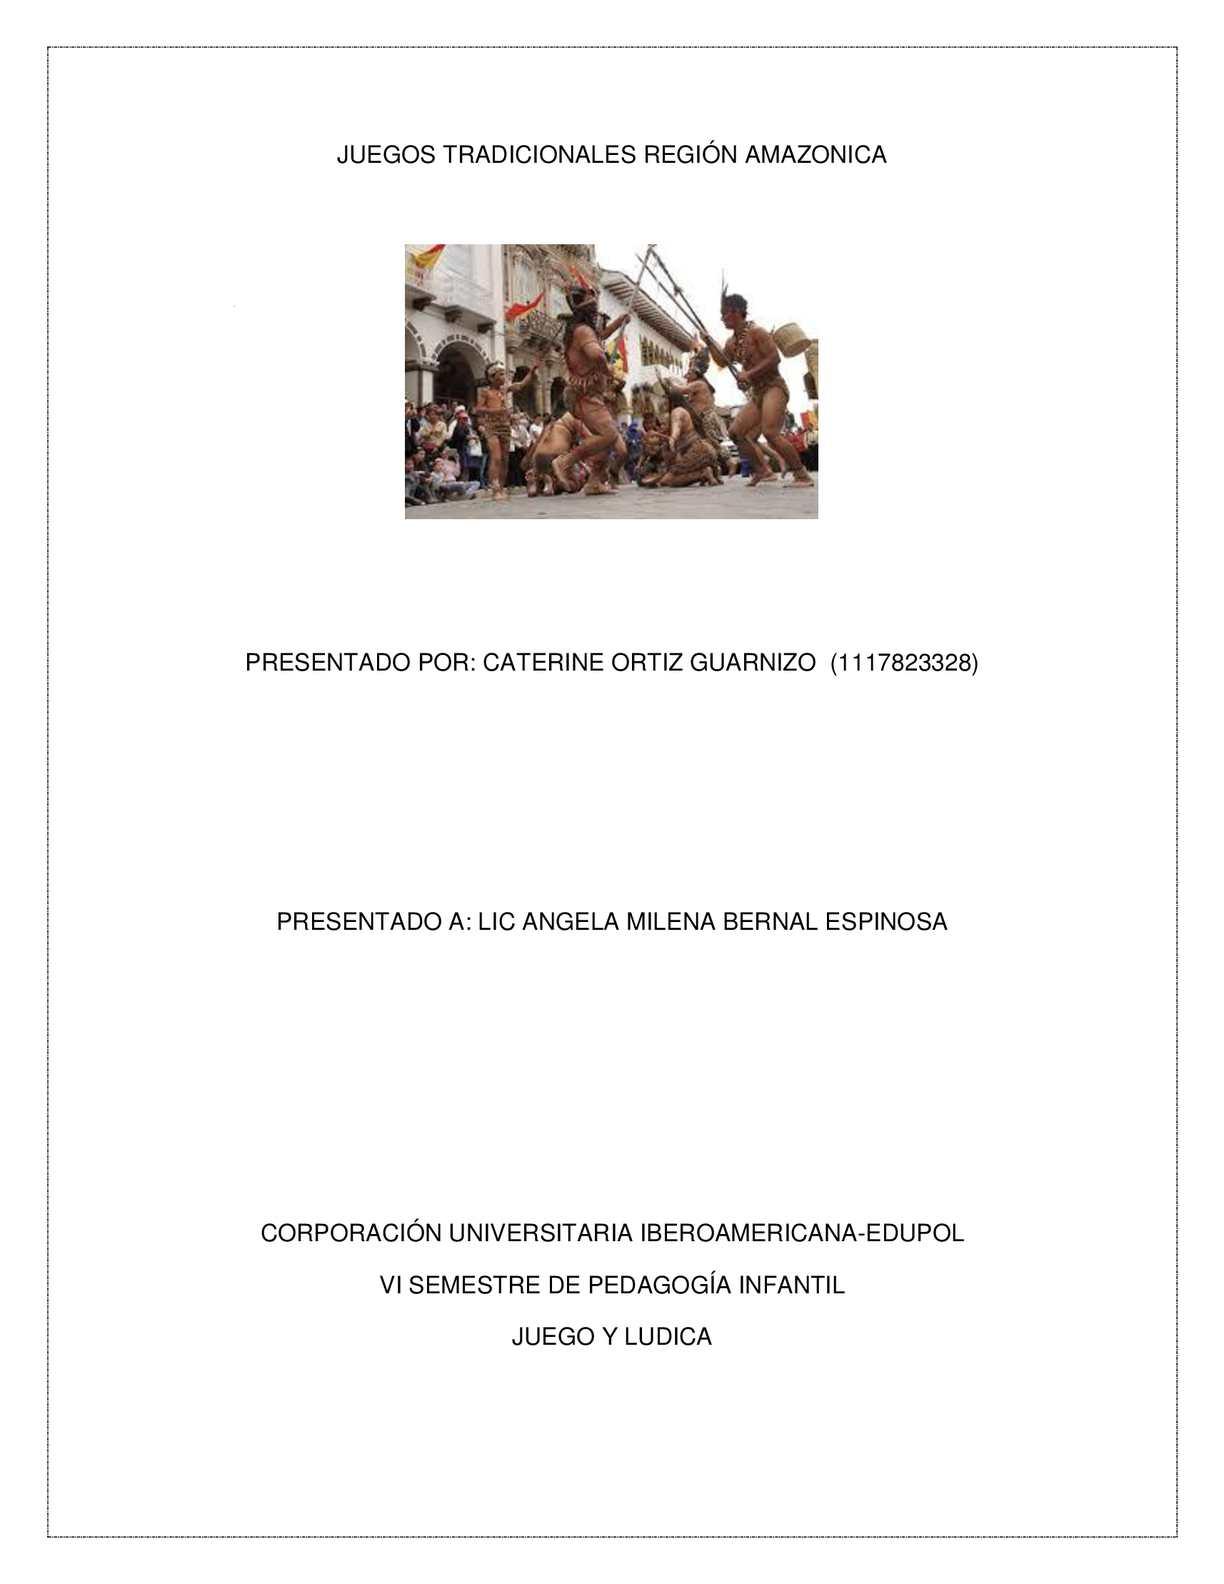 Juegos Tradicionales Región Amazonica